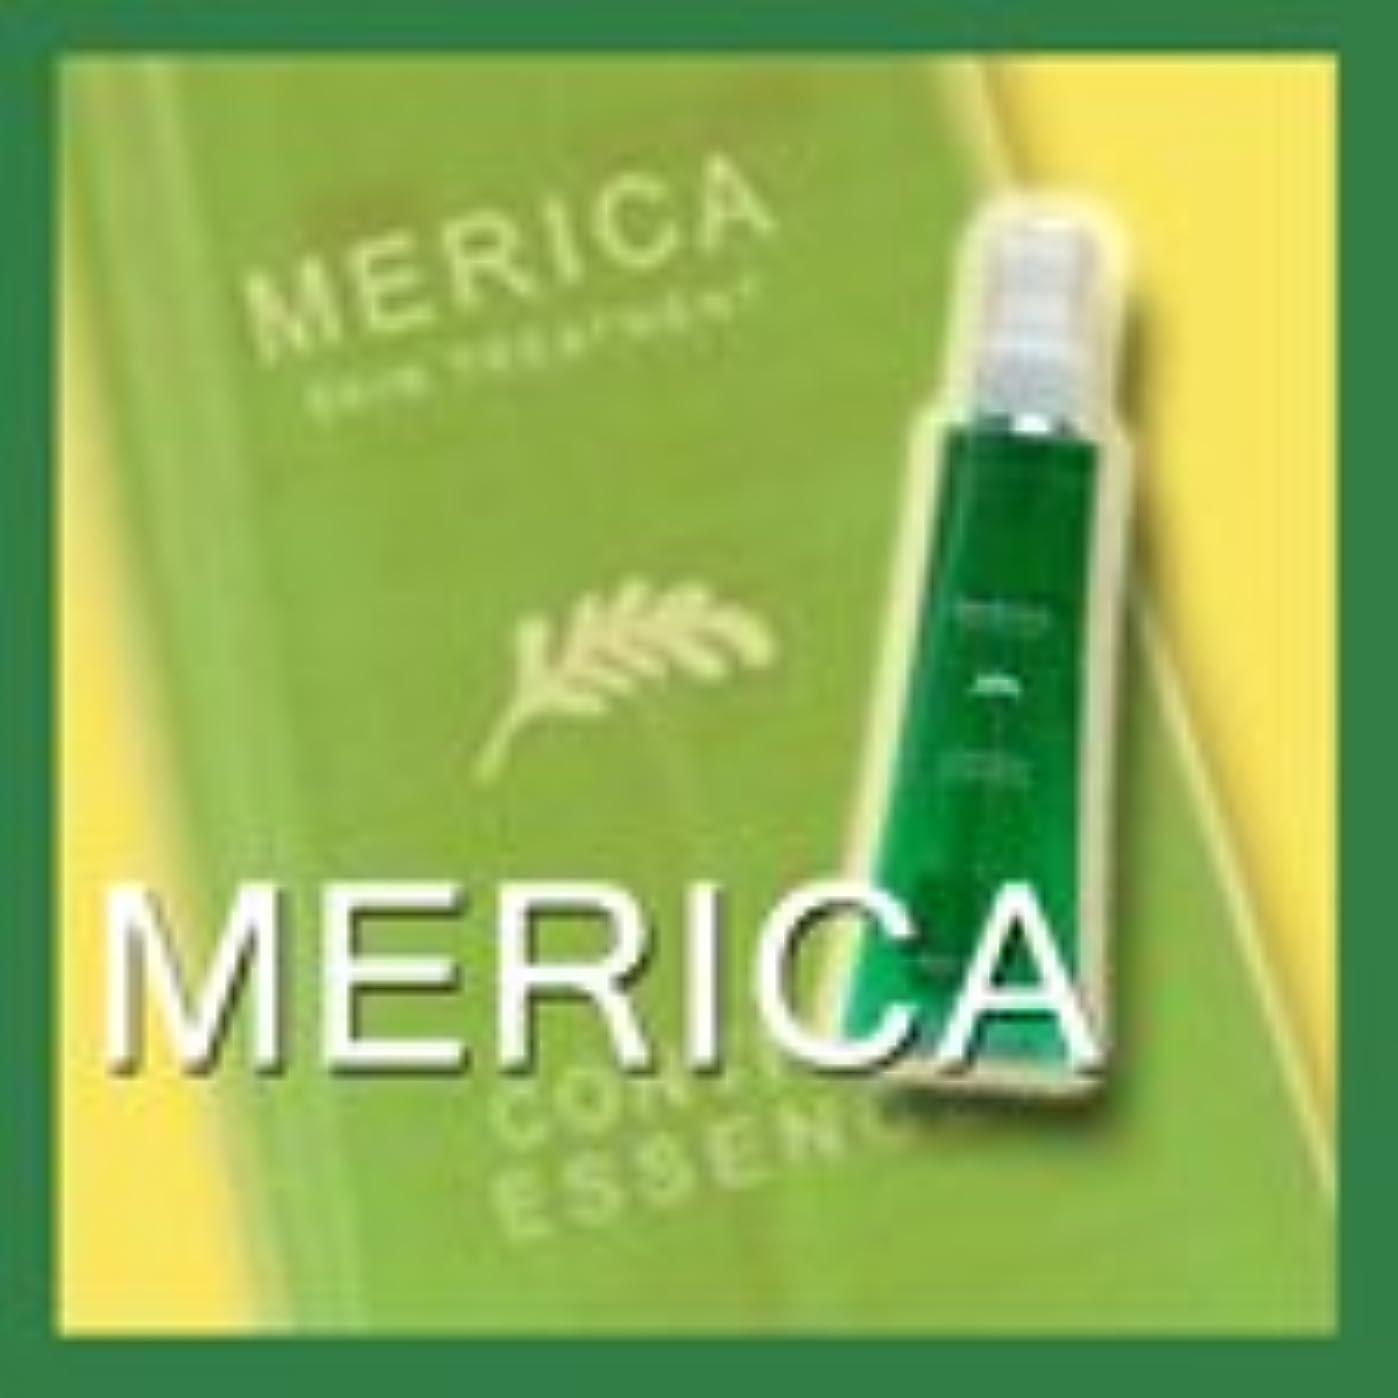 カバレッジ難民問題MERICA メリカ スキントリートメントS 200ml 医薬部外品 【白い 化粧水】